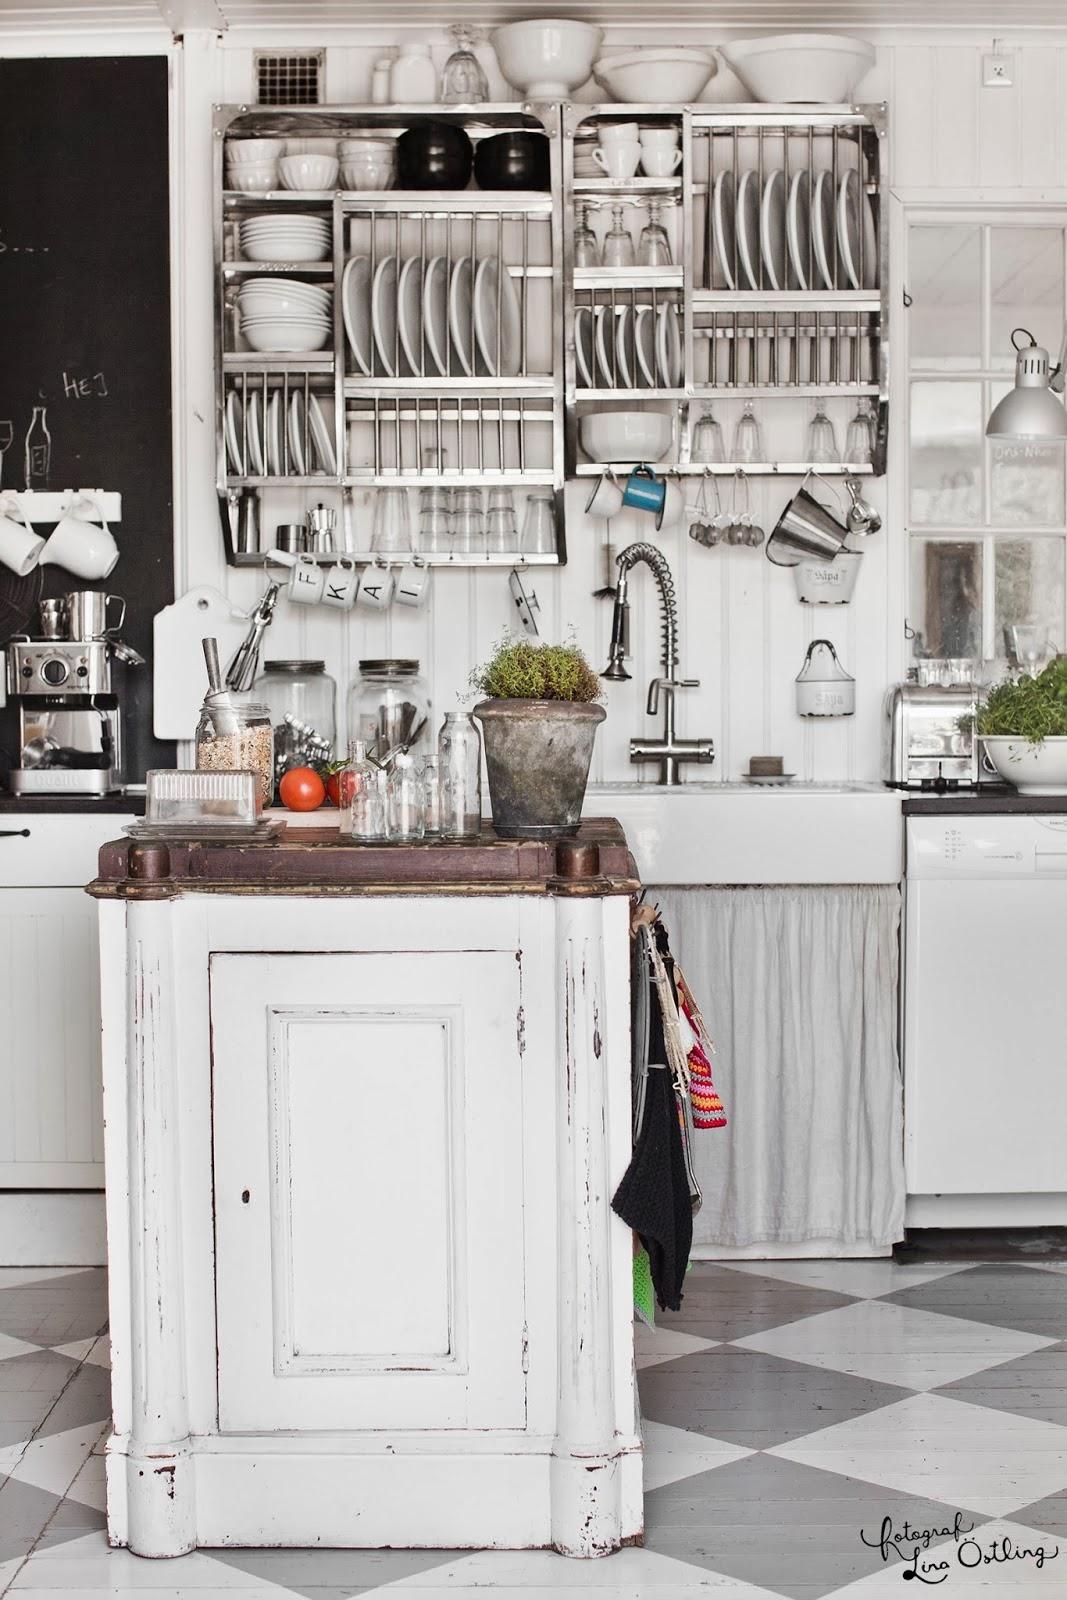 Eklektyczna kuchnia, biała kuchnia, rustykalna kuchnia, białe meble kuchenne, otwarte półki na talerze